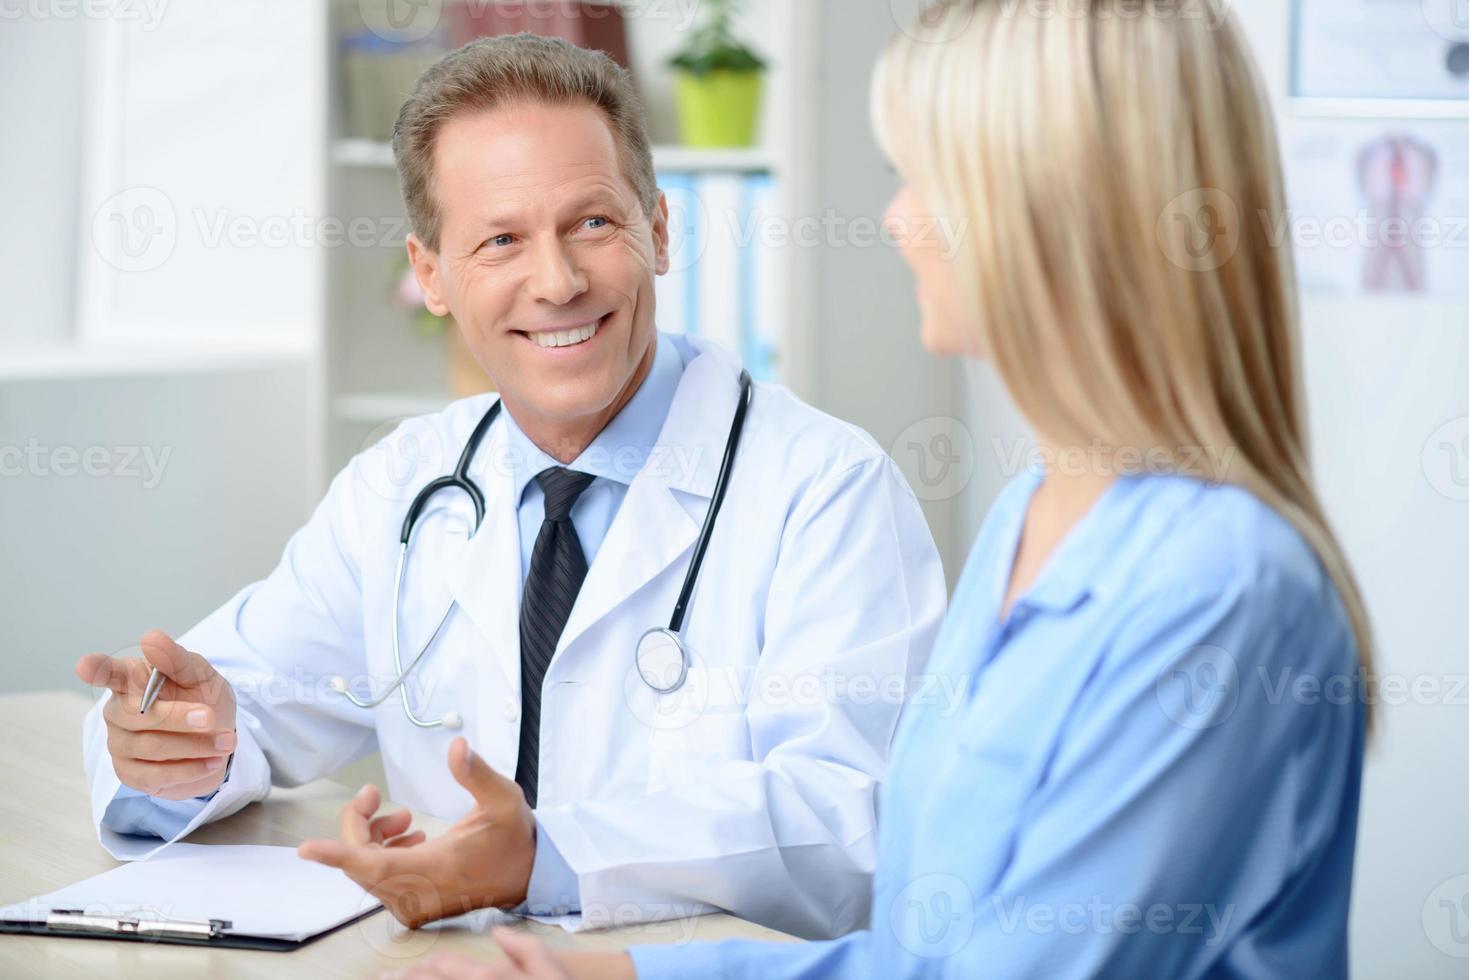 profissional médico examinando seu paciente foto